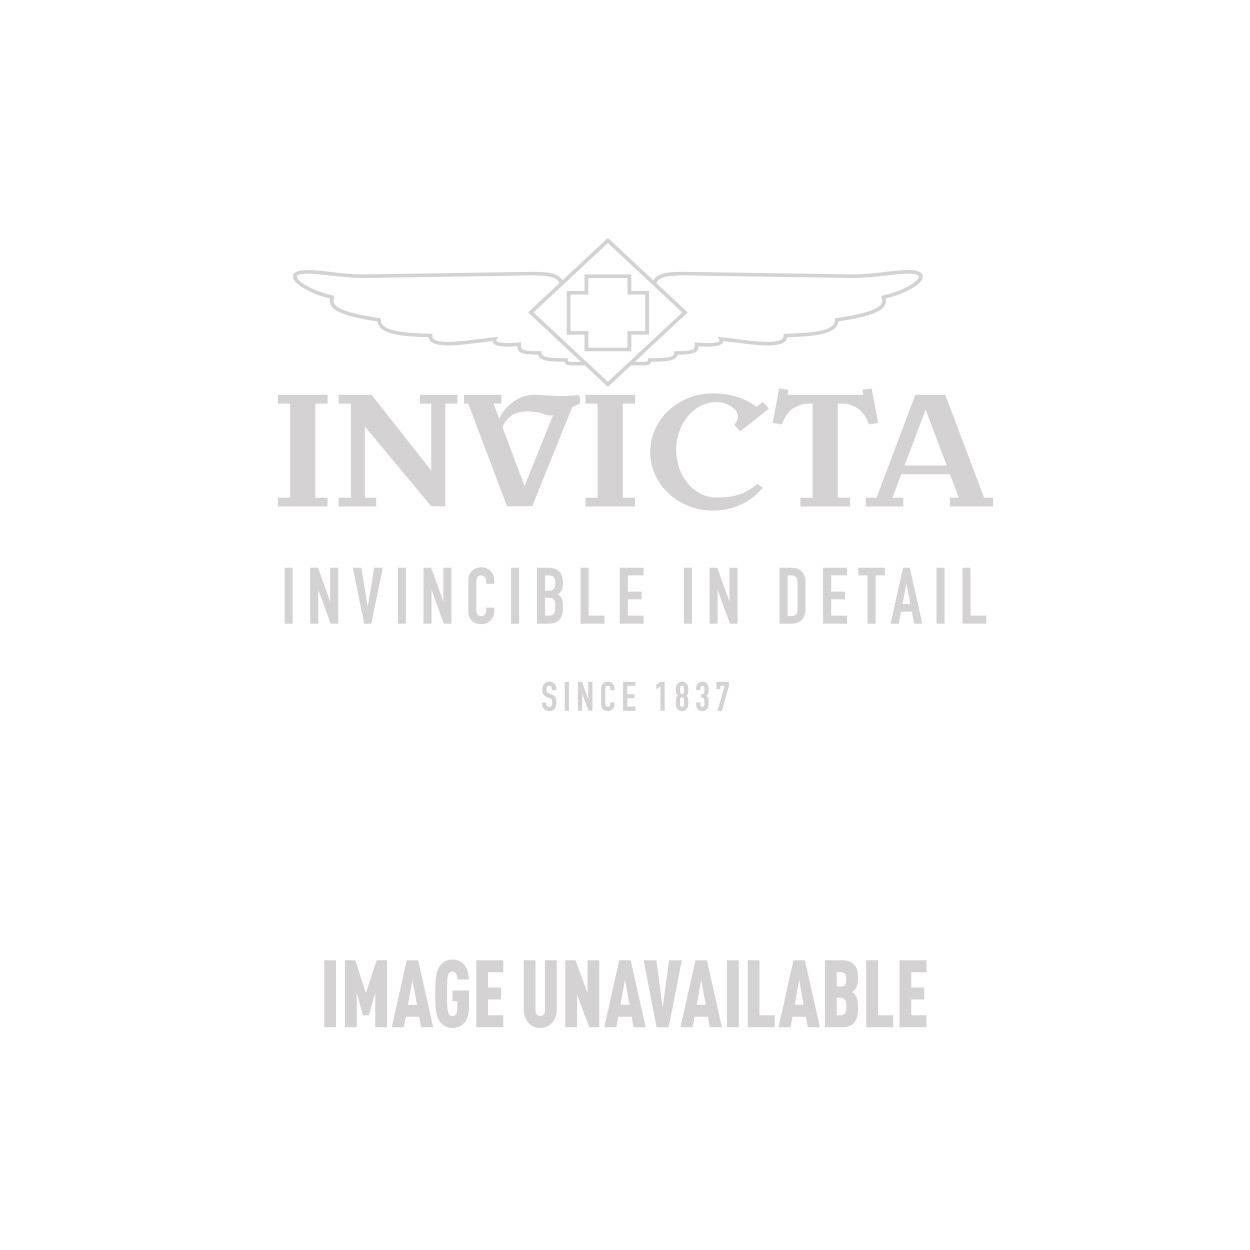 Invicta S1 Rally Quartz Watch - Black case with Black tone Silicone band - Model 90158